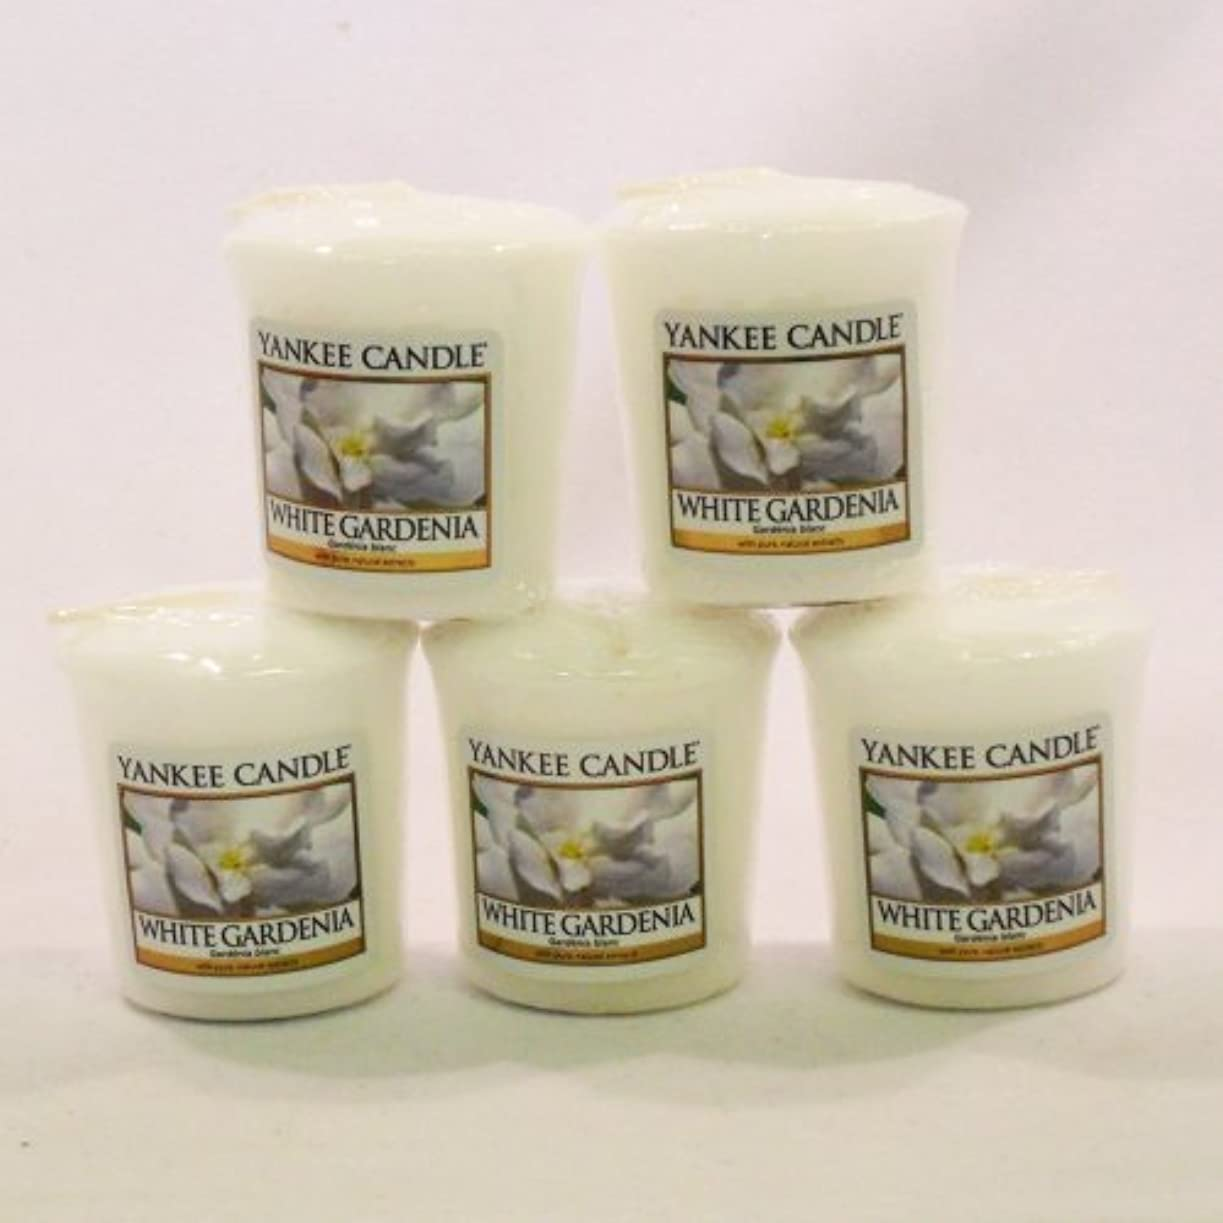 母性裕福な適合Yankee Candleサンプラーvotives-yankee Candle – 5 xホワイトGardenia Votive Samplers – 新しい香りfor 2012 。